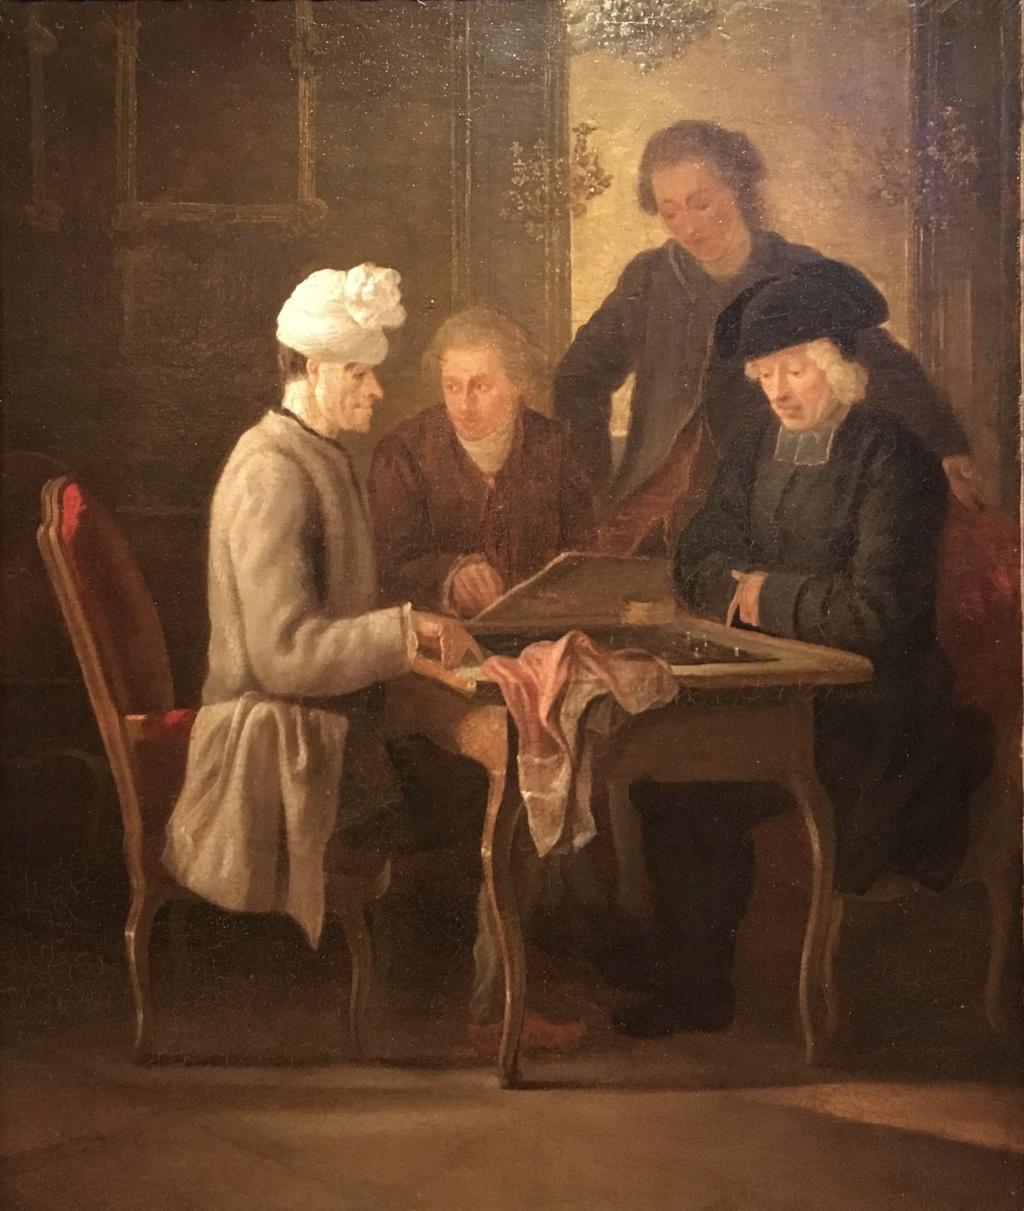 Le Siècle de Louis XIV, Voltaire historien de la modernité 6997fa10